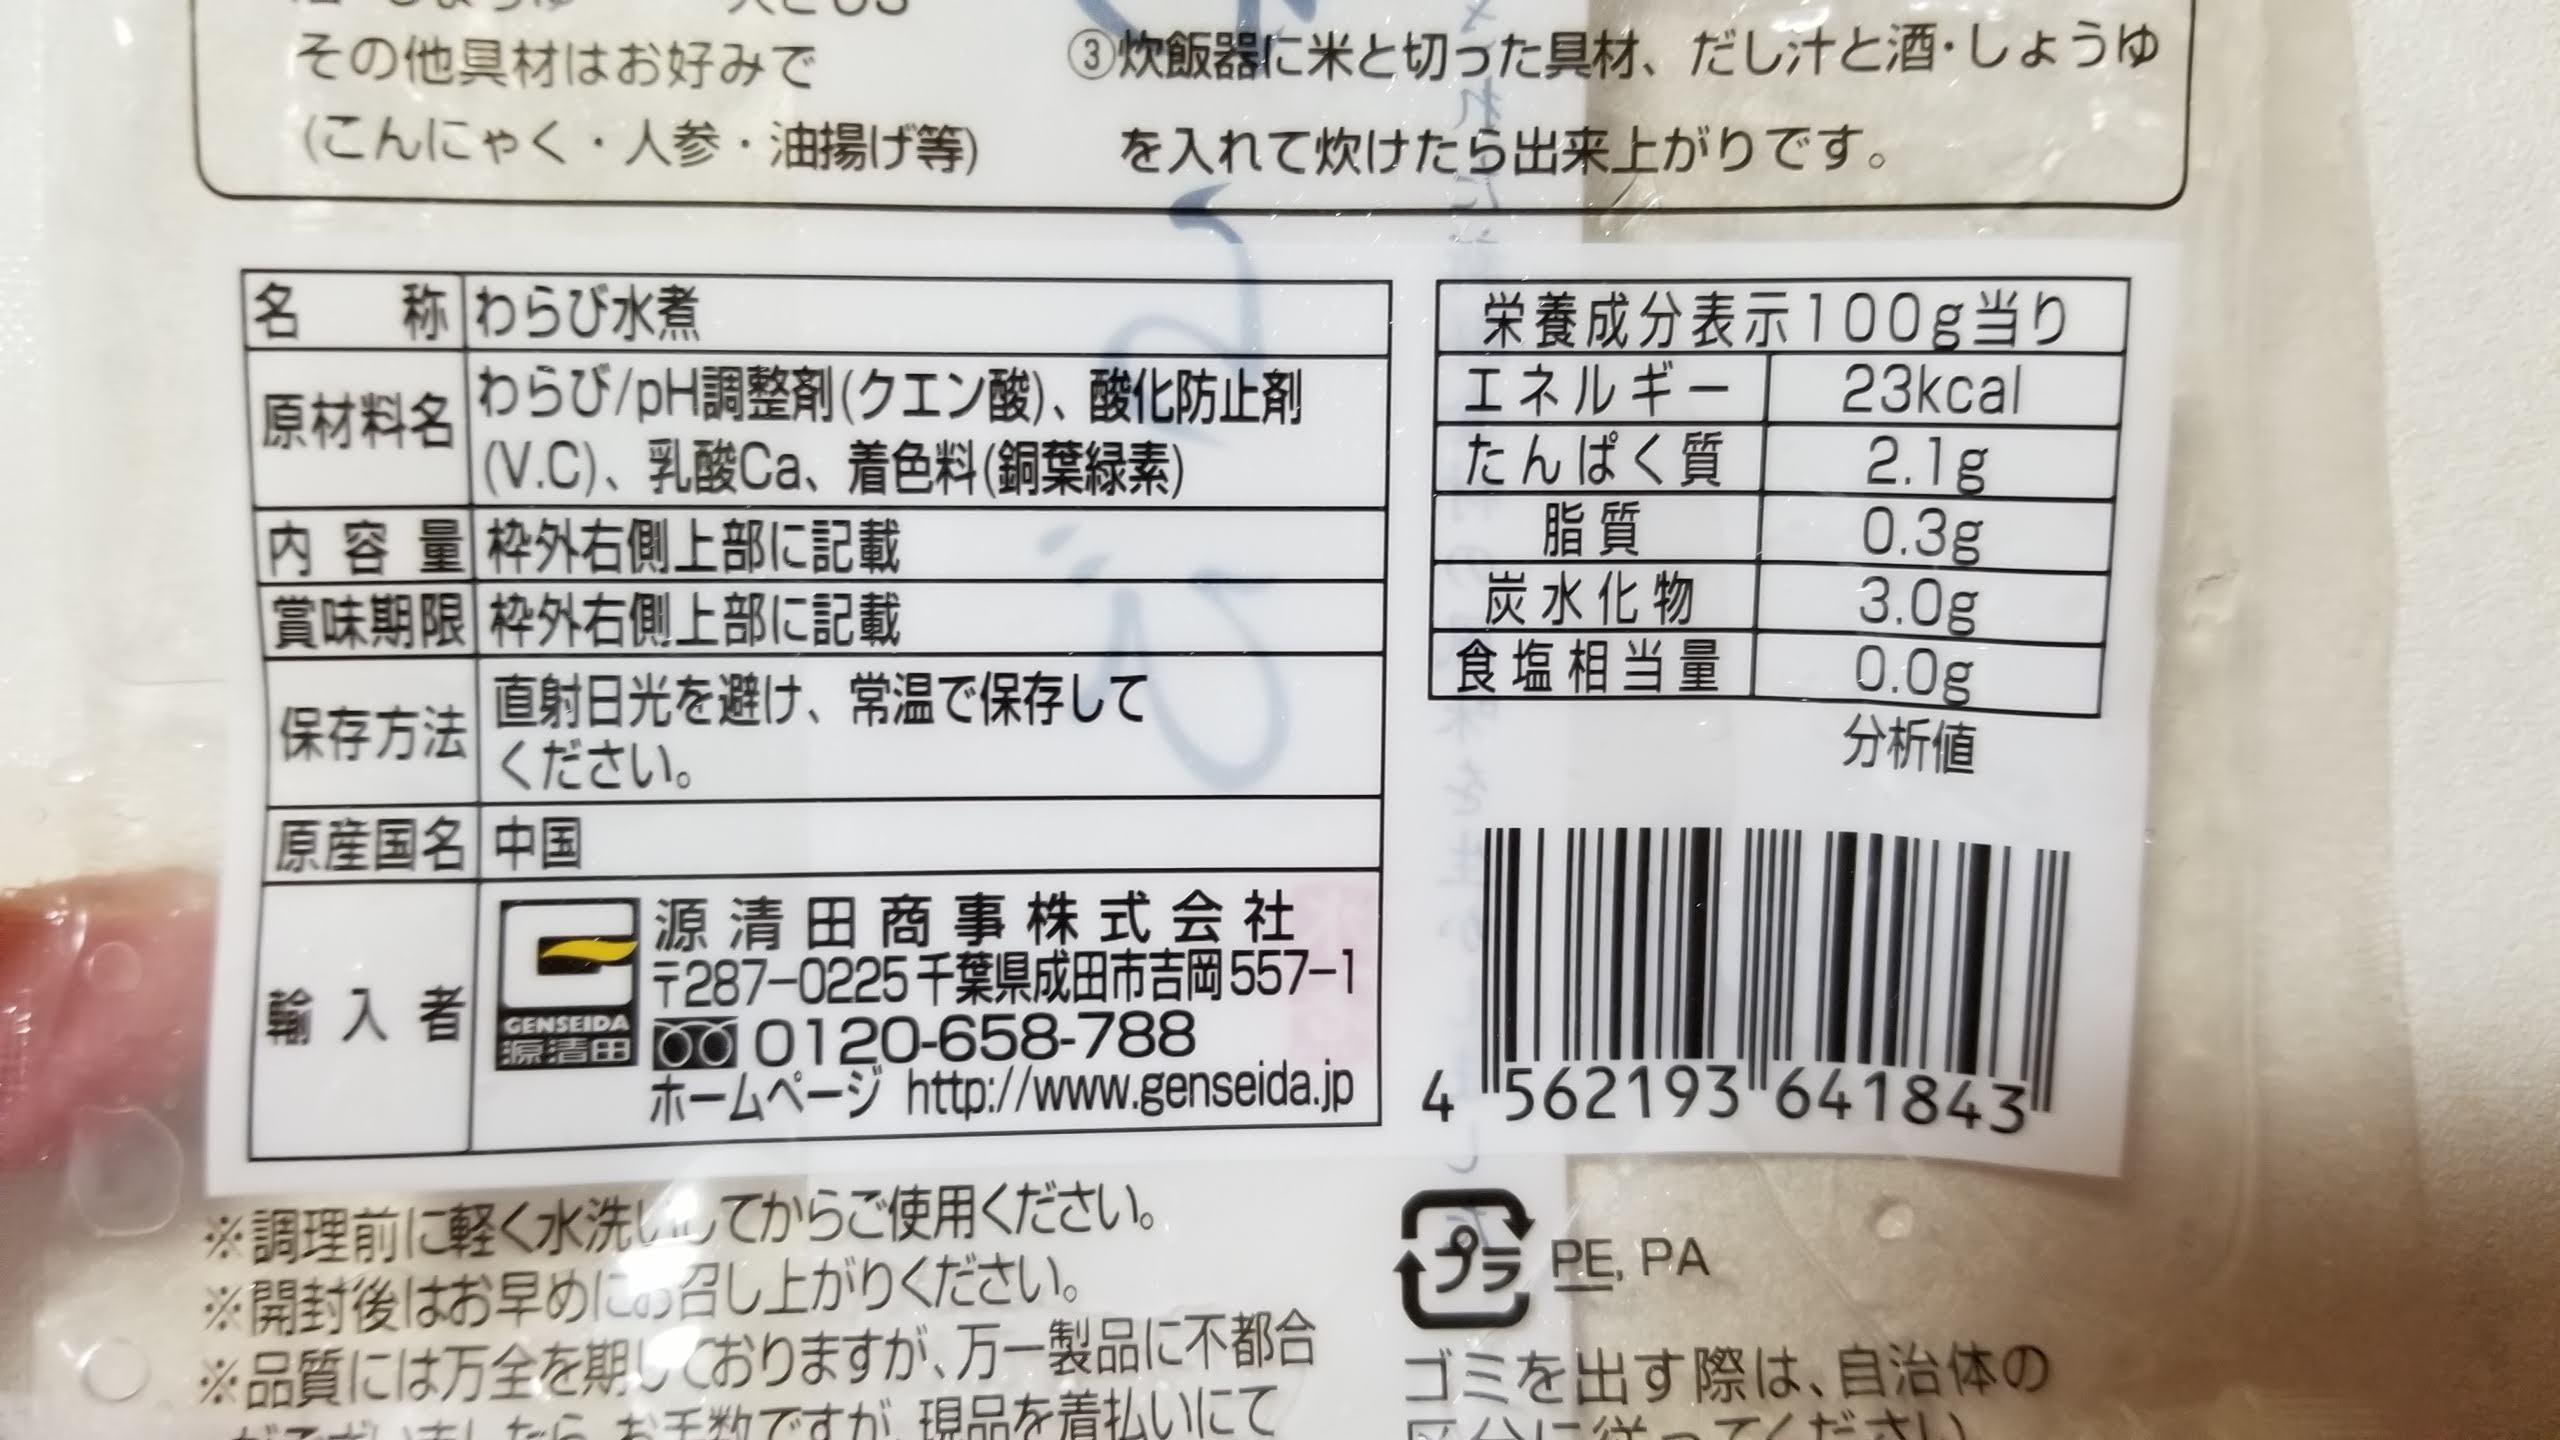 わらび水煮/源清田商事 _20200226_181230